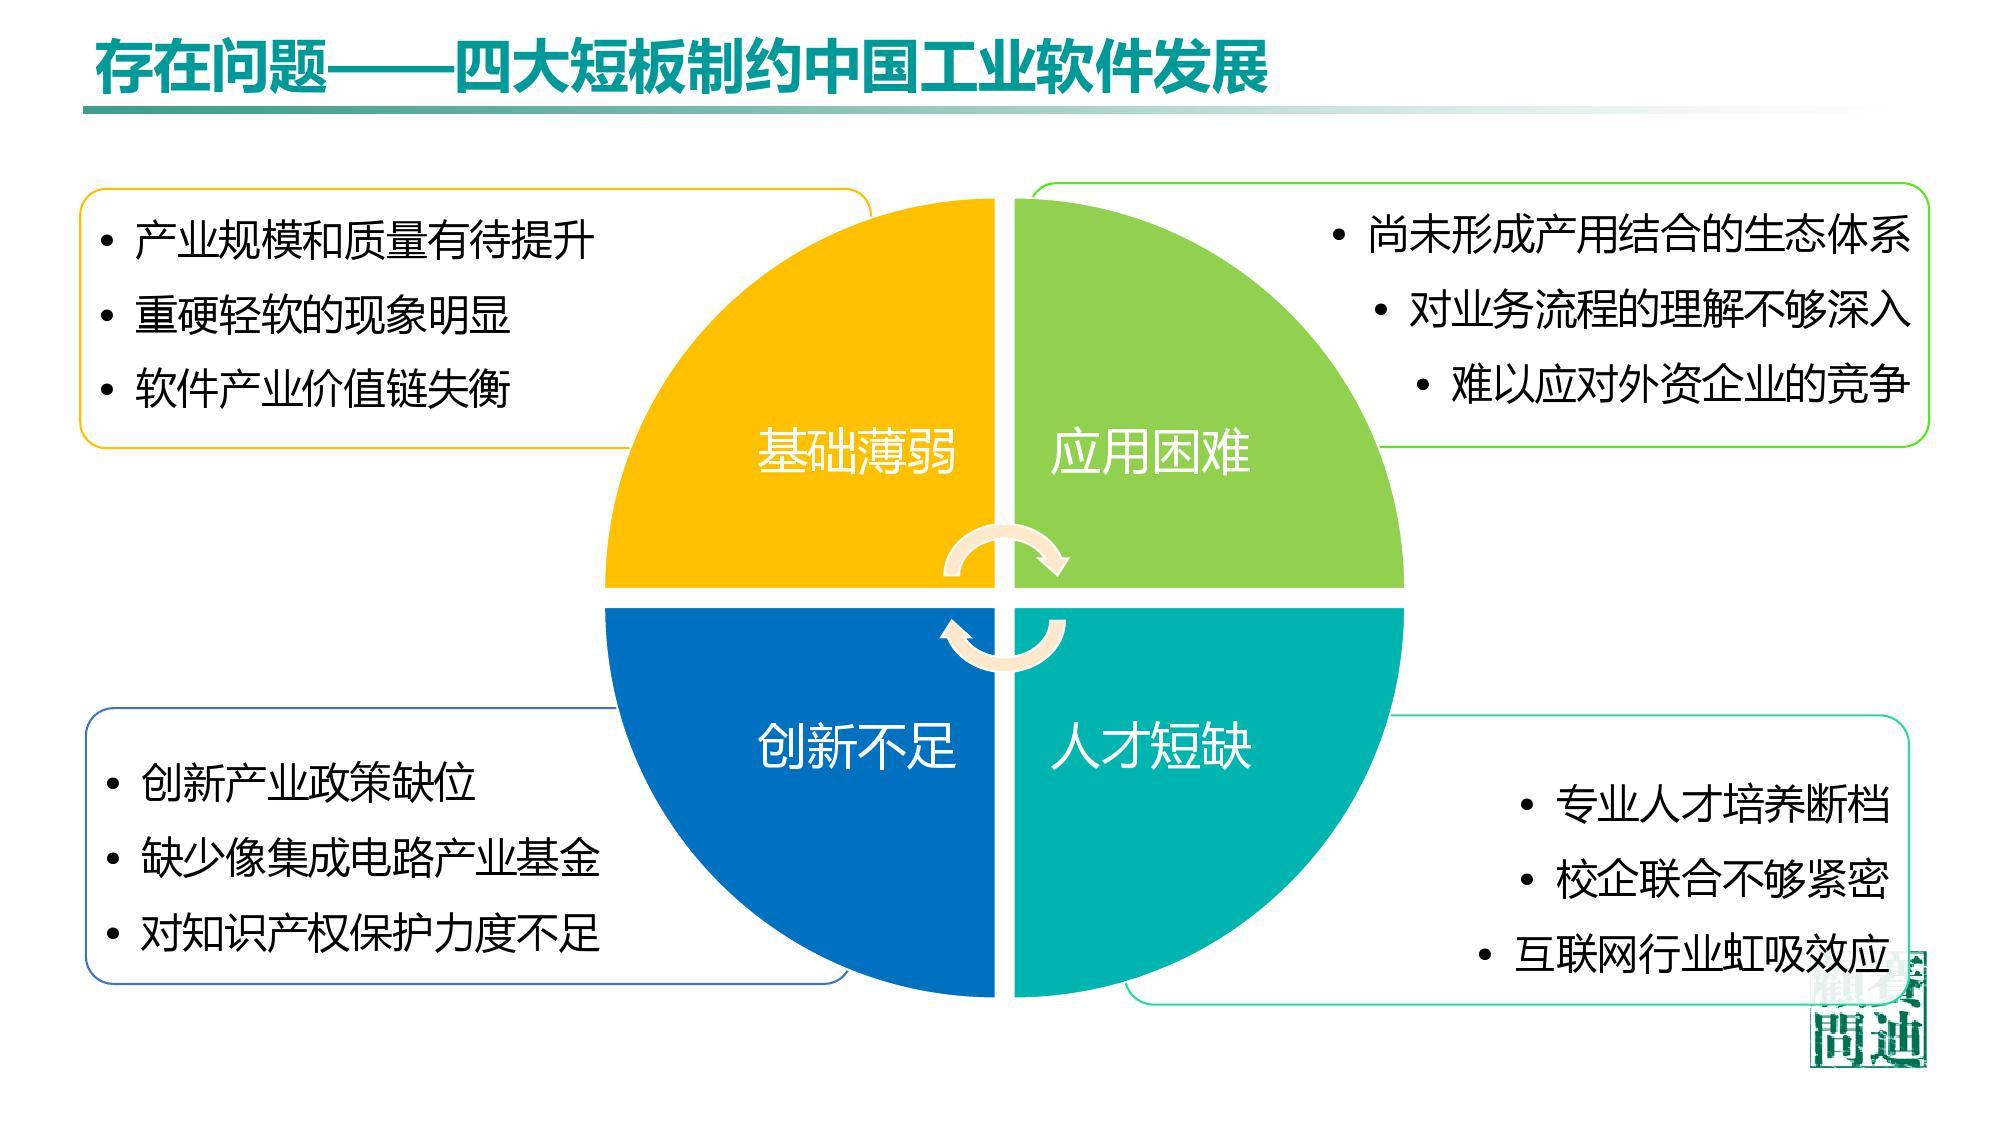 三j牅c.�g*9x_赛迪顾问:2019年中国工业软件发展白皮书